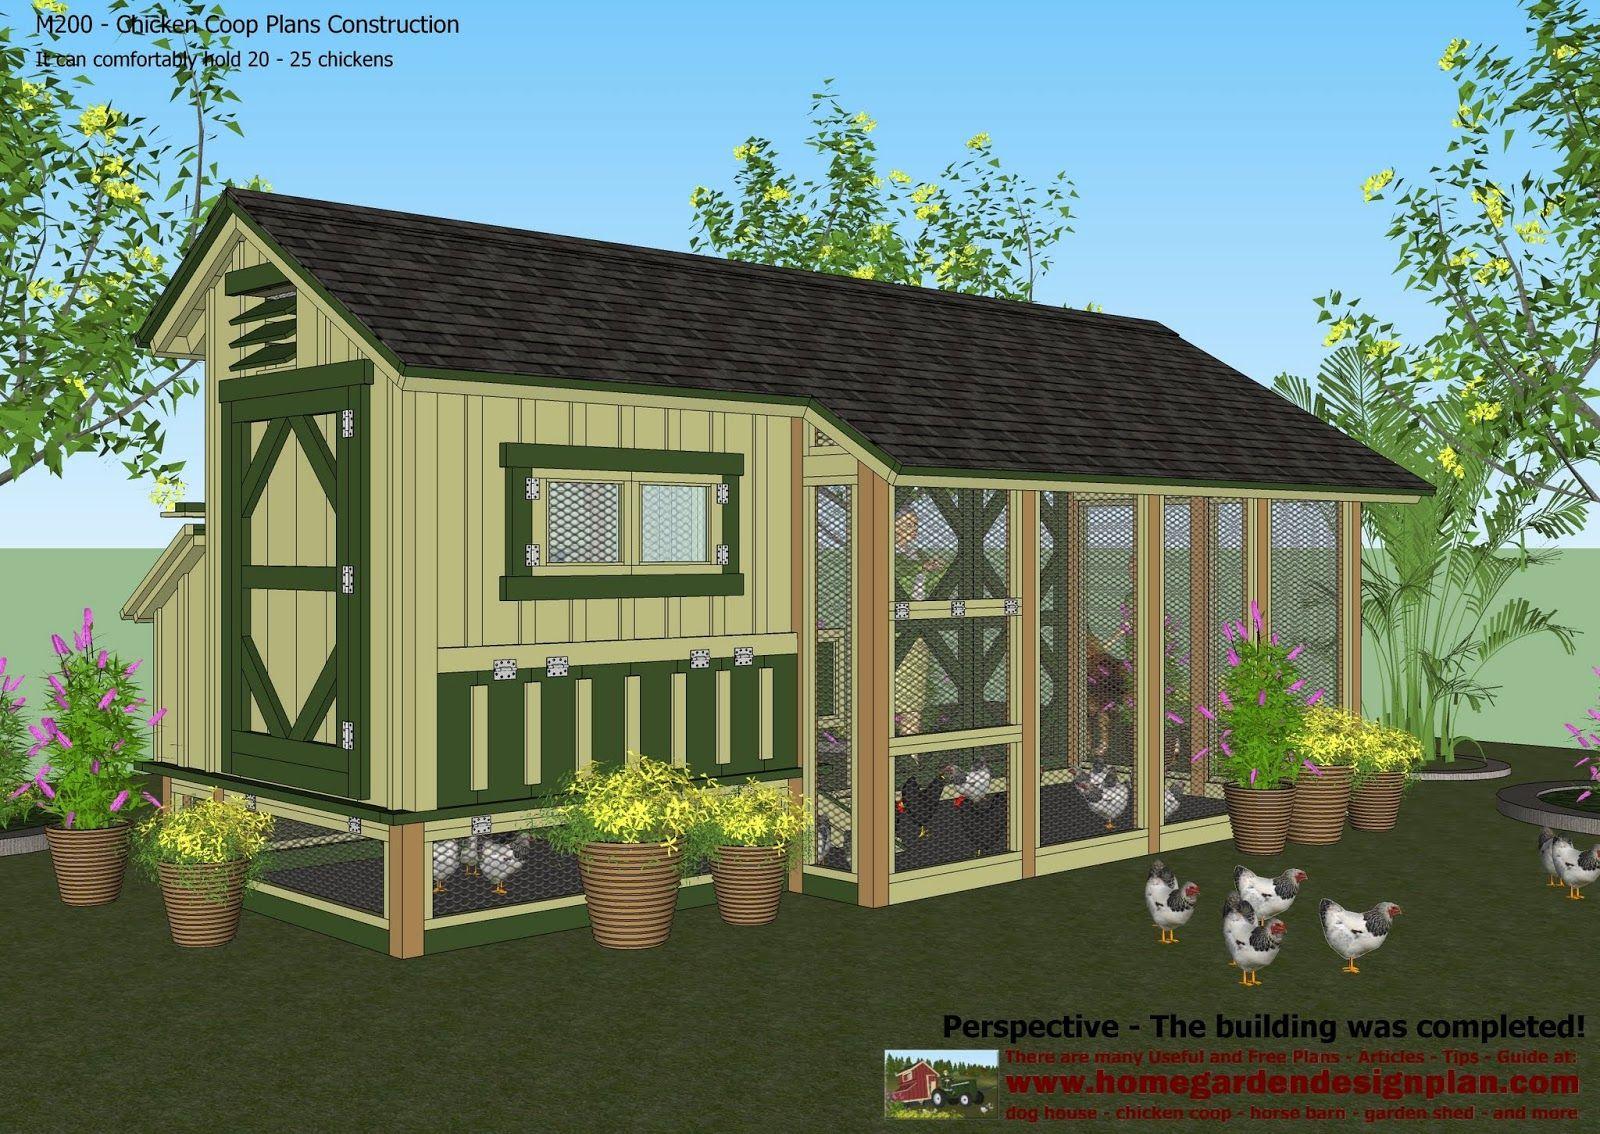 Home garden plans  chicken coop construction design how also rh pinterest